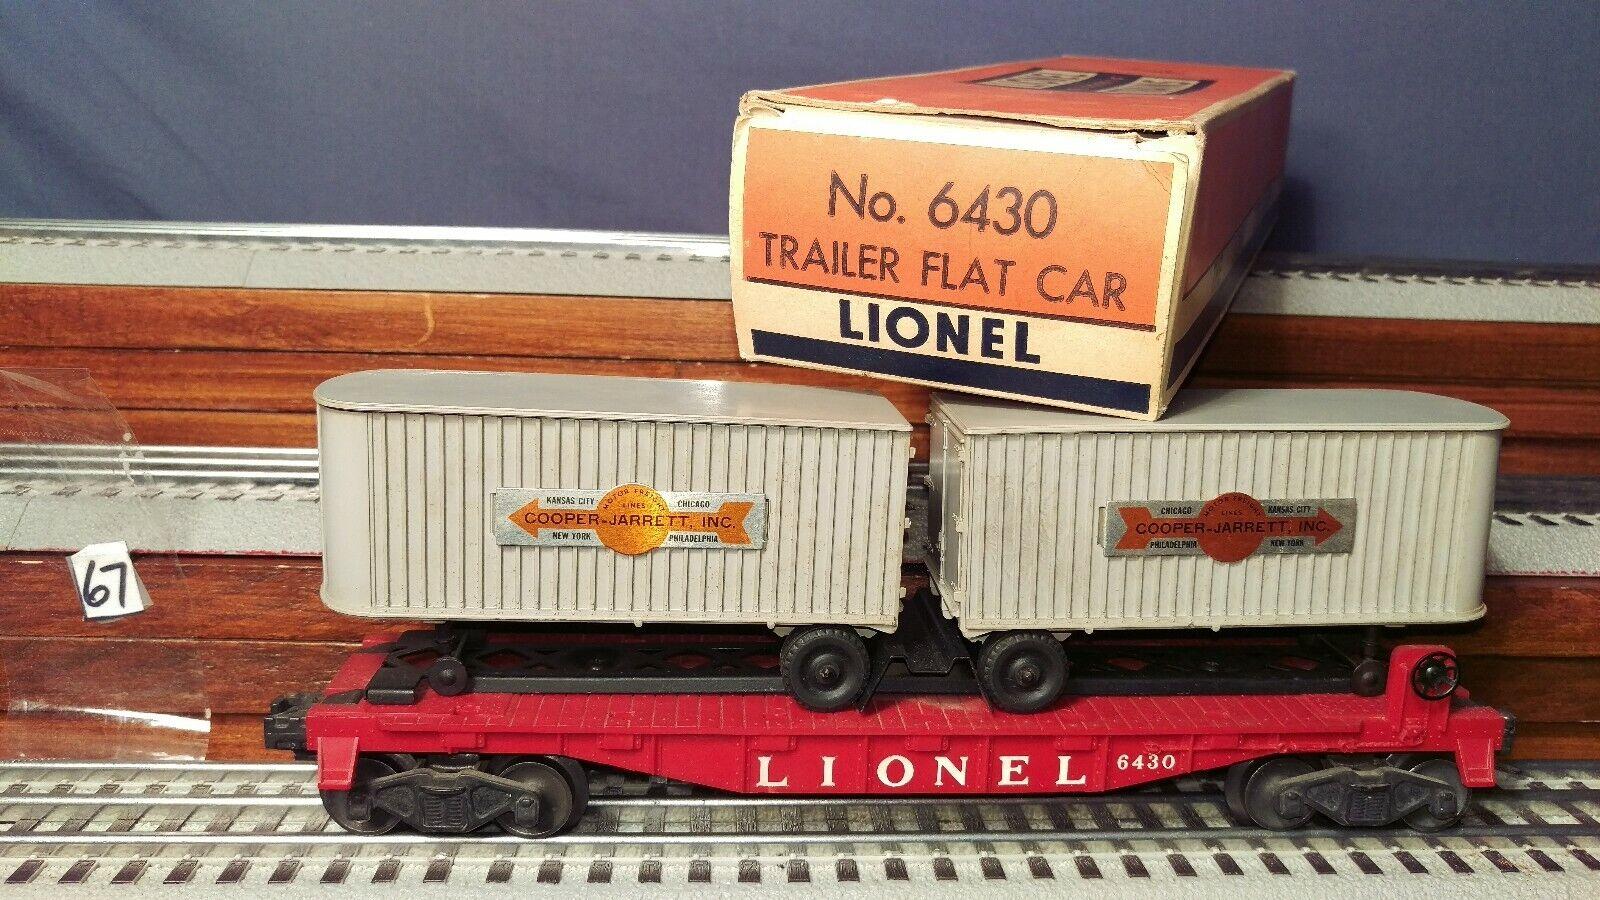 gran selección y entrega rápida Coche Lionel Lionel Lionel 6430 Remolque Plana Con gris Cooper Jarret remolques, y Caja Original  barato en línea